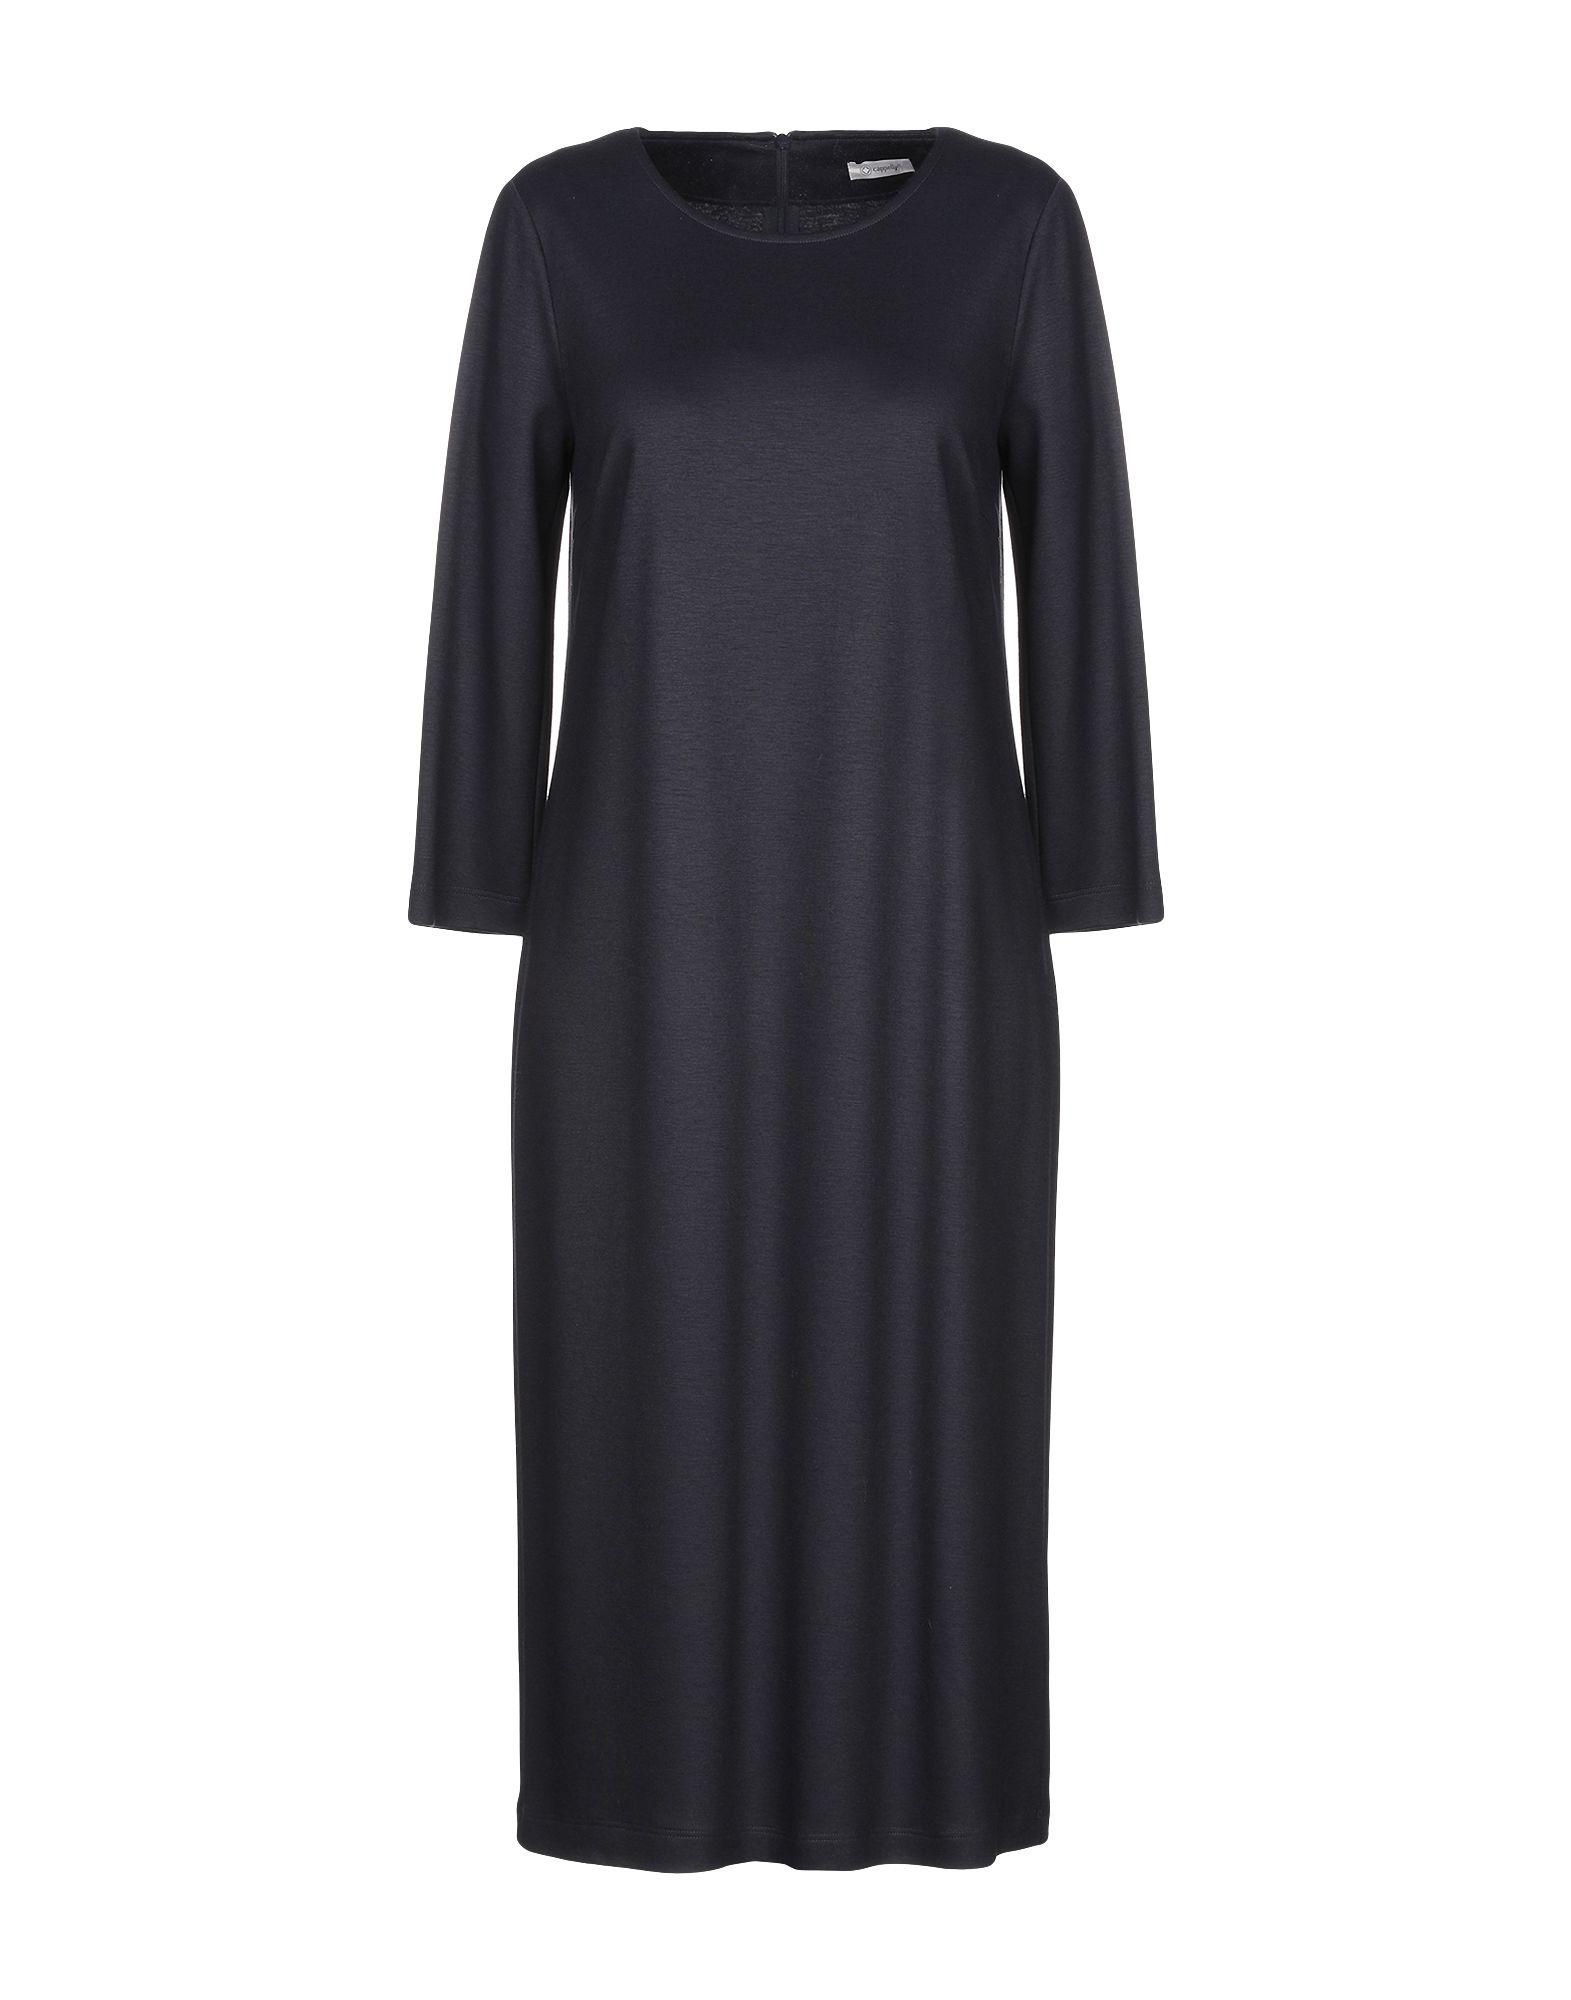 CAPPELLINI by PESERICO Платье длиной 3/4